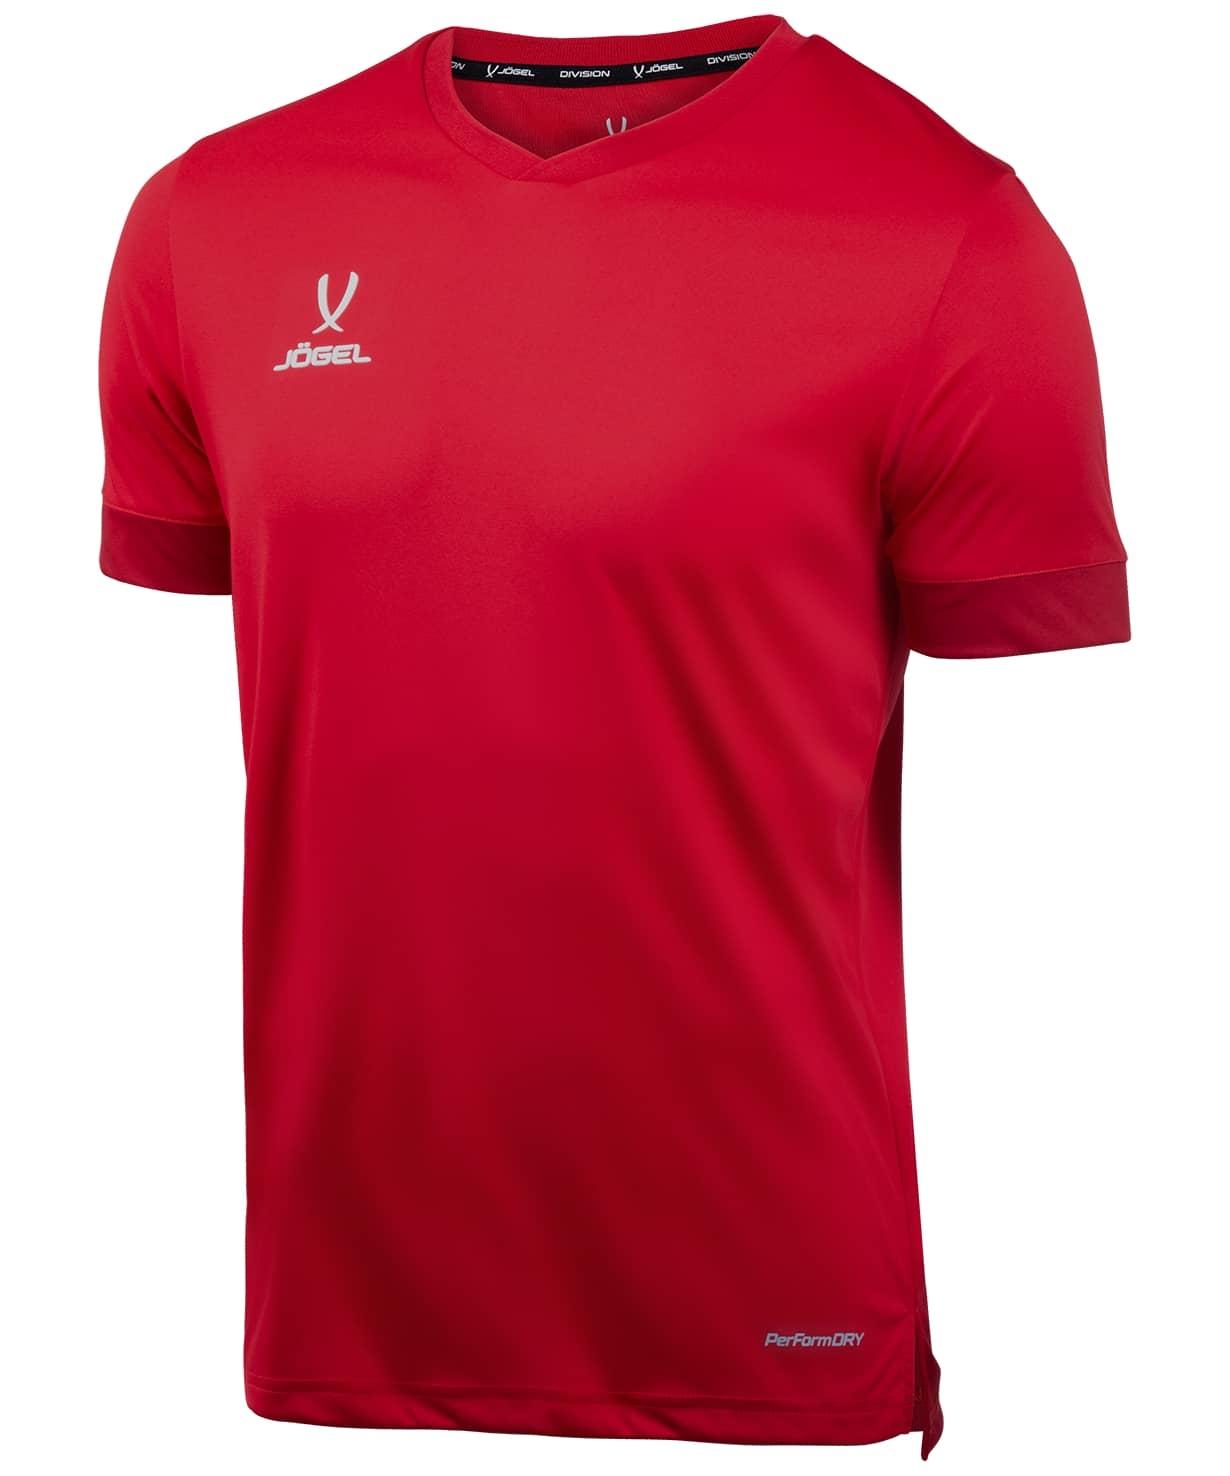 Футболкаигровая DIVISION PerFormDRY Union Jersey, красный/ темно-красный/белый, детская